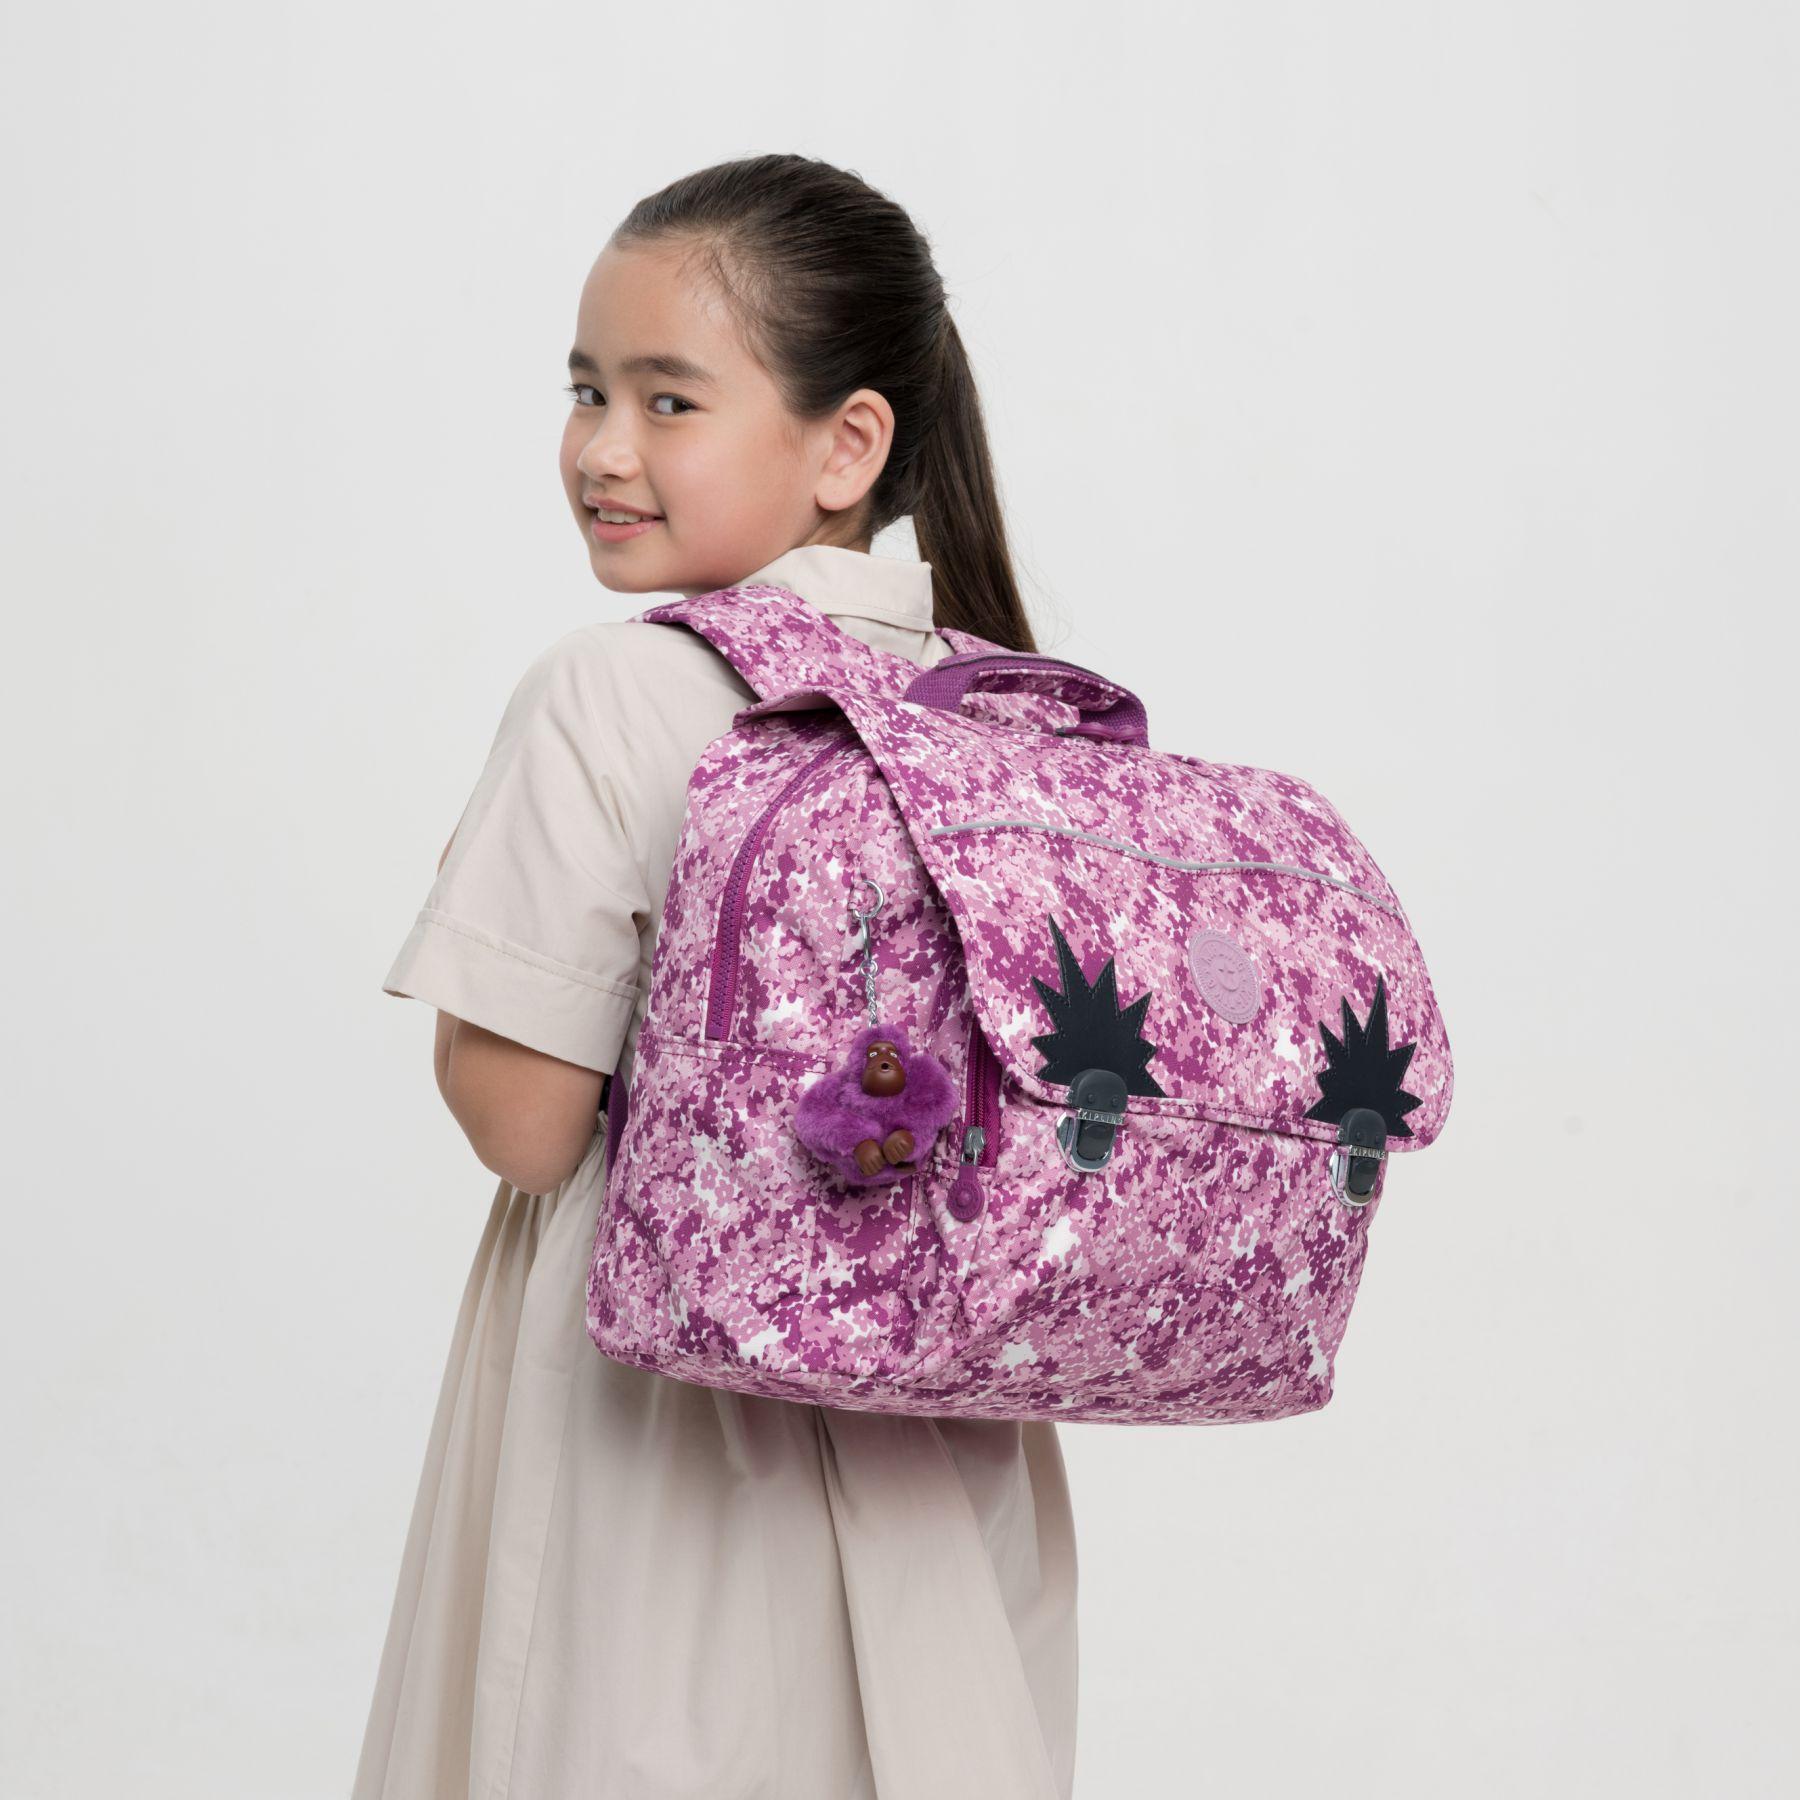 INIKO SCHOOL BAGS by Kipling